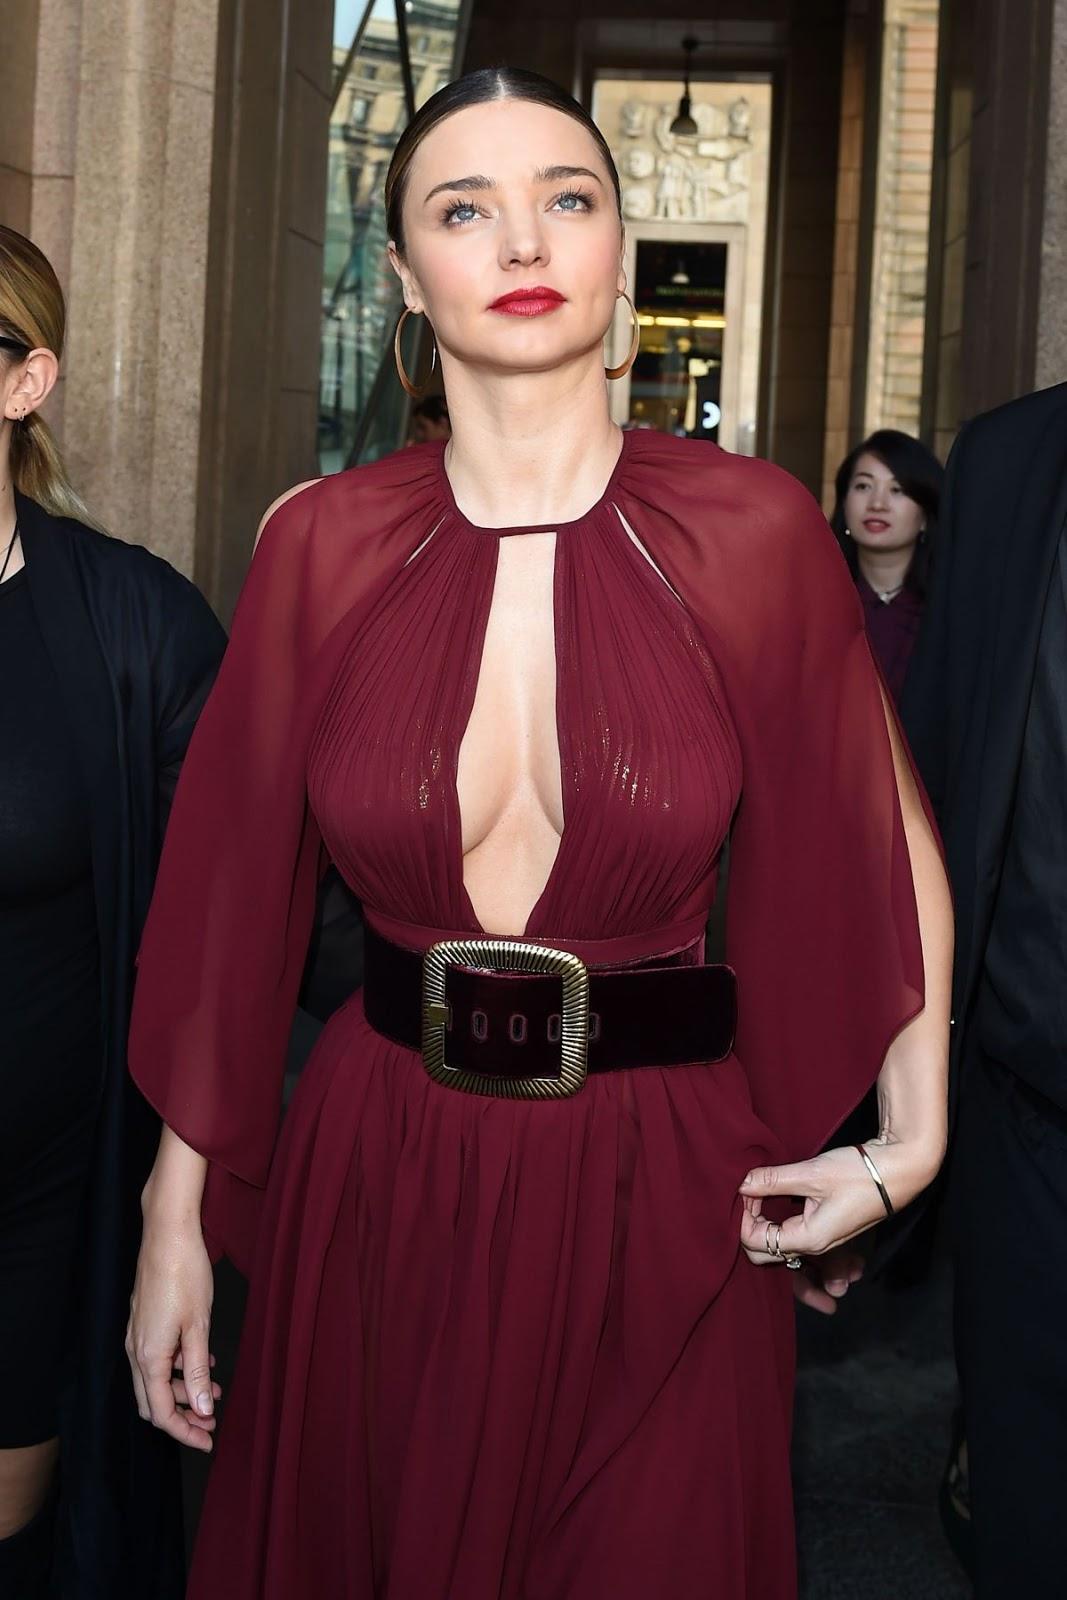 Miranda Kerr at Koradior Fashion Show 2016